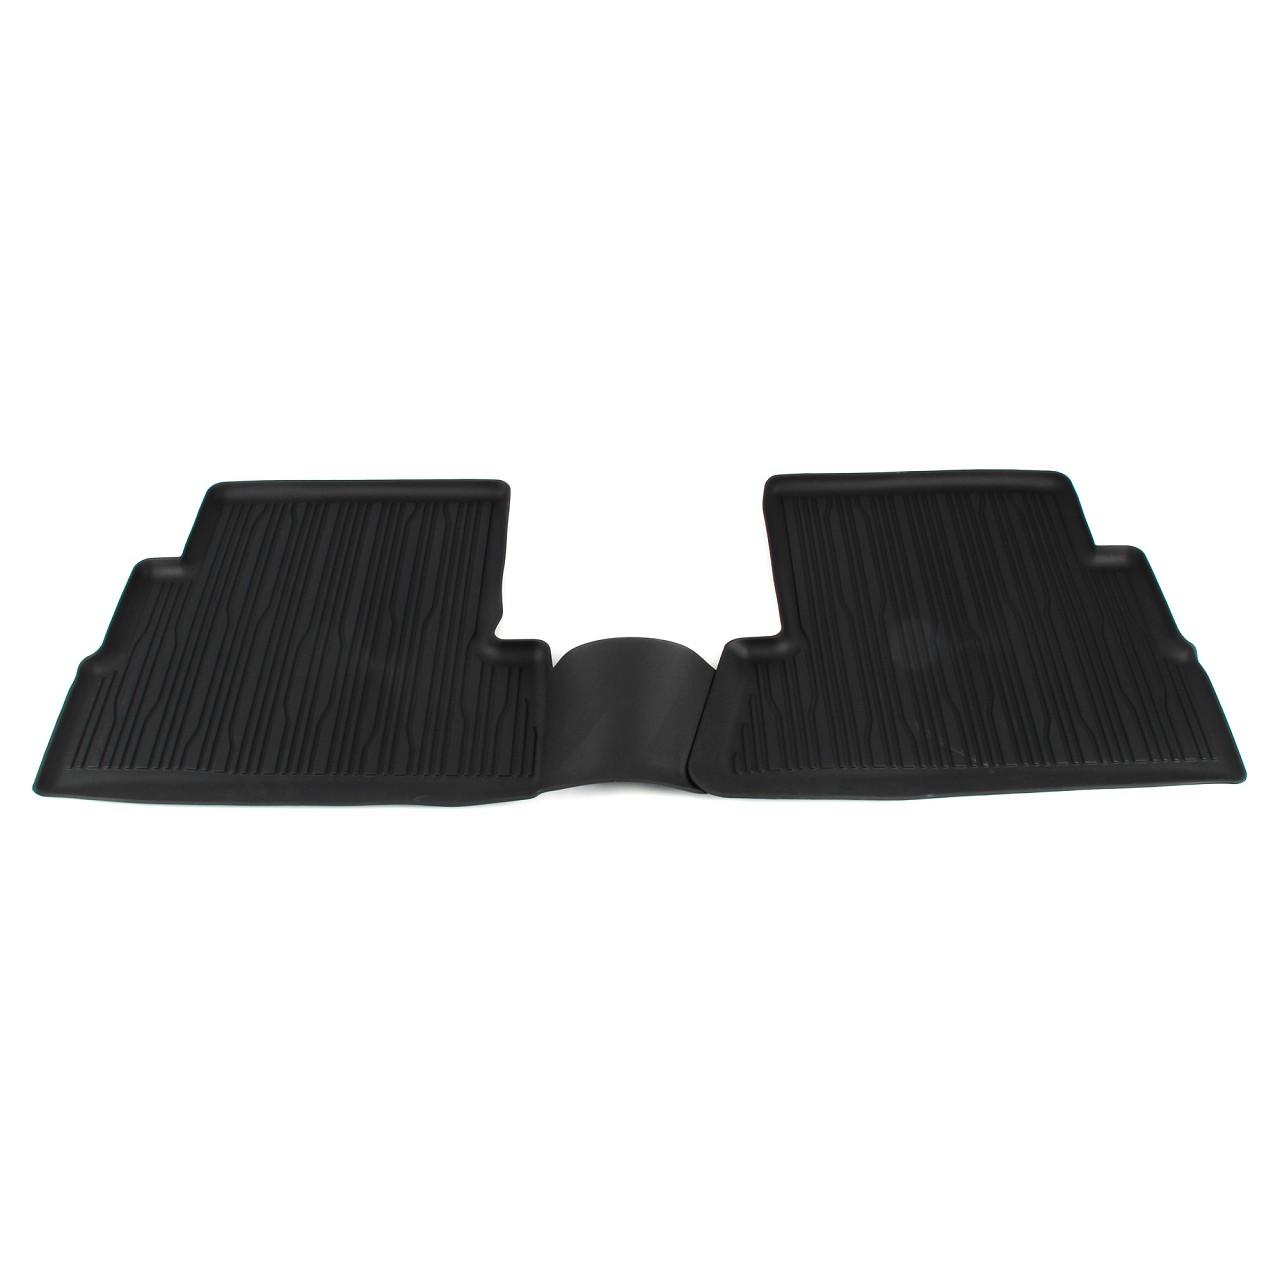 ORIGINAL Ford Gummimatten Fußmatten Automatten Satz HINTEN 2116934 für KUGA II